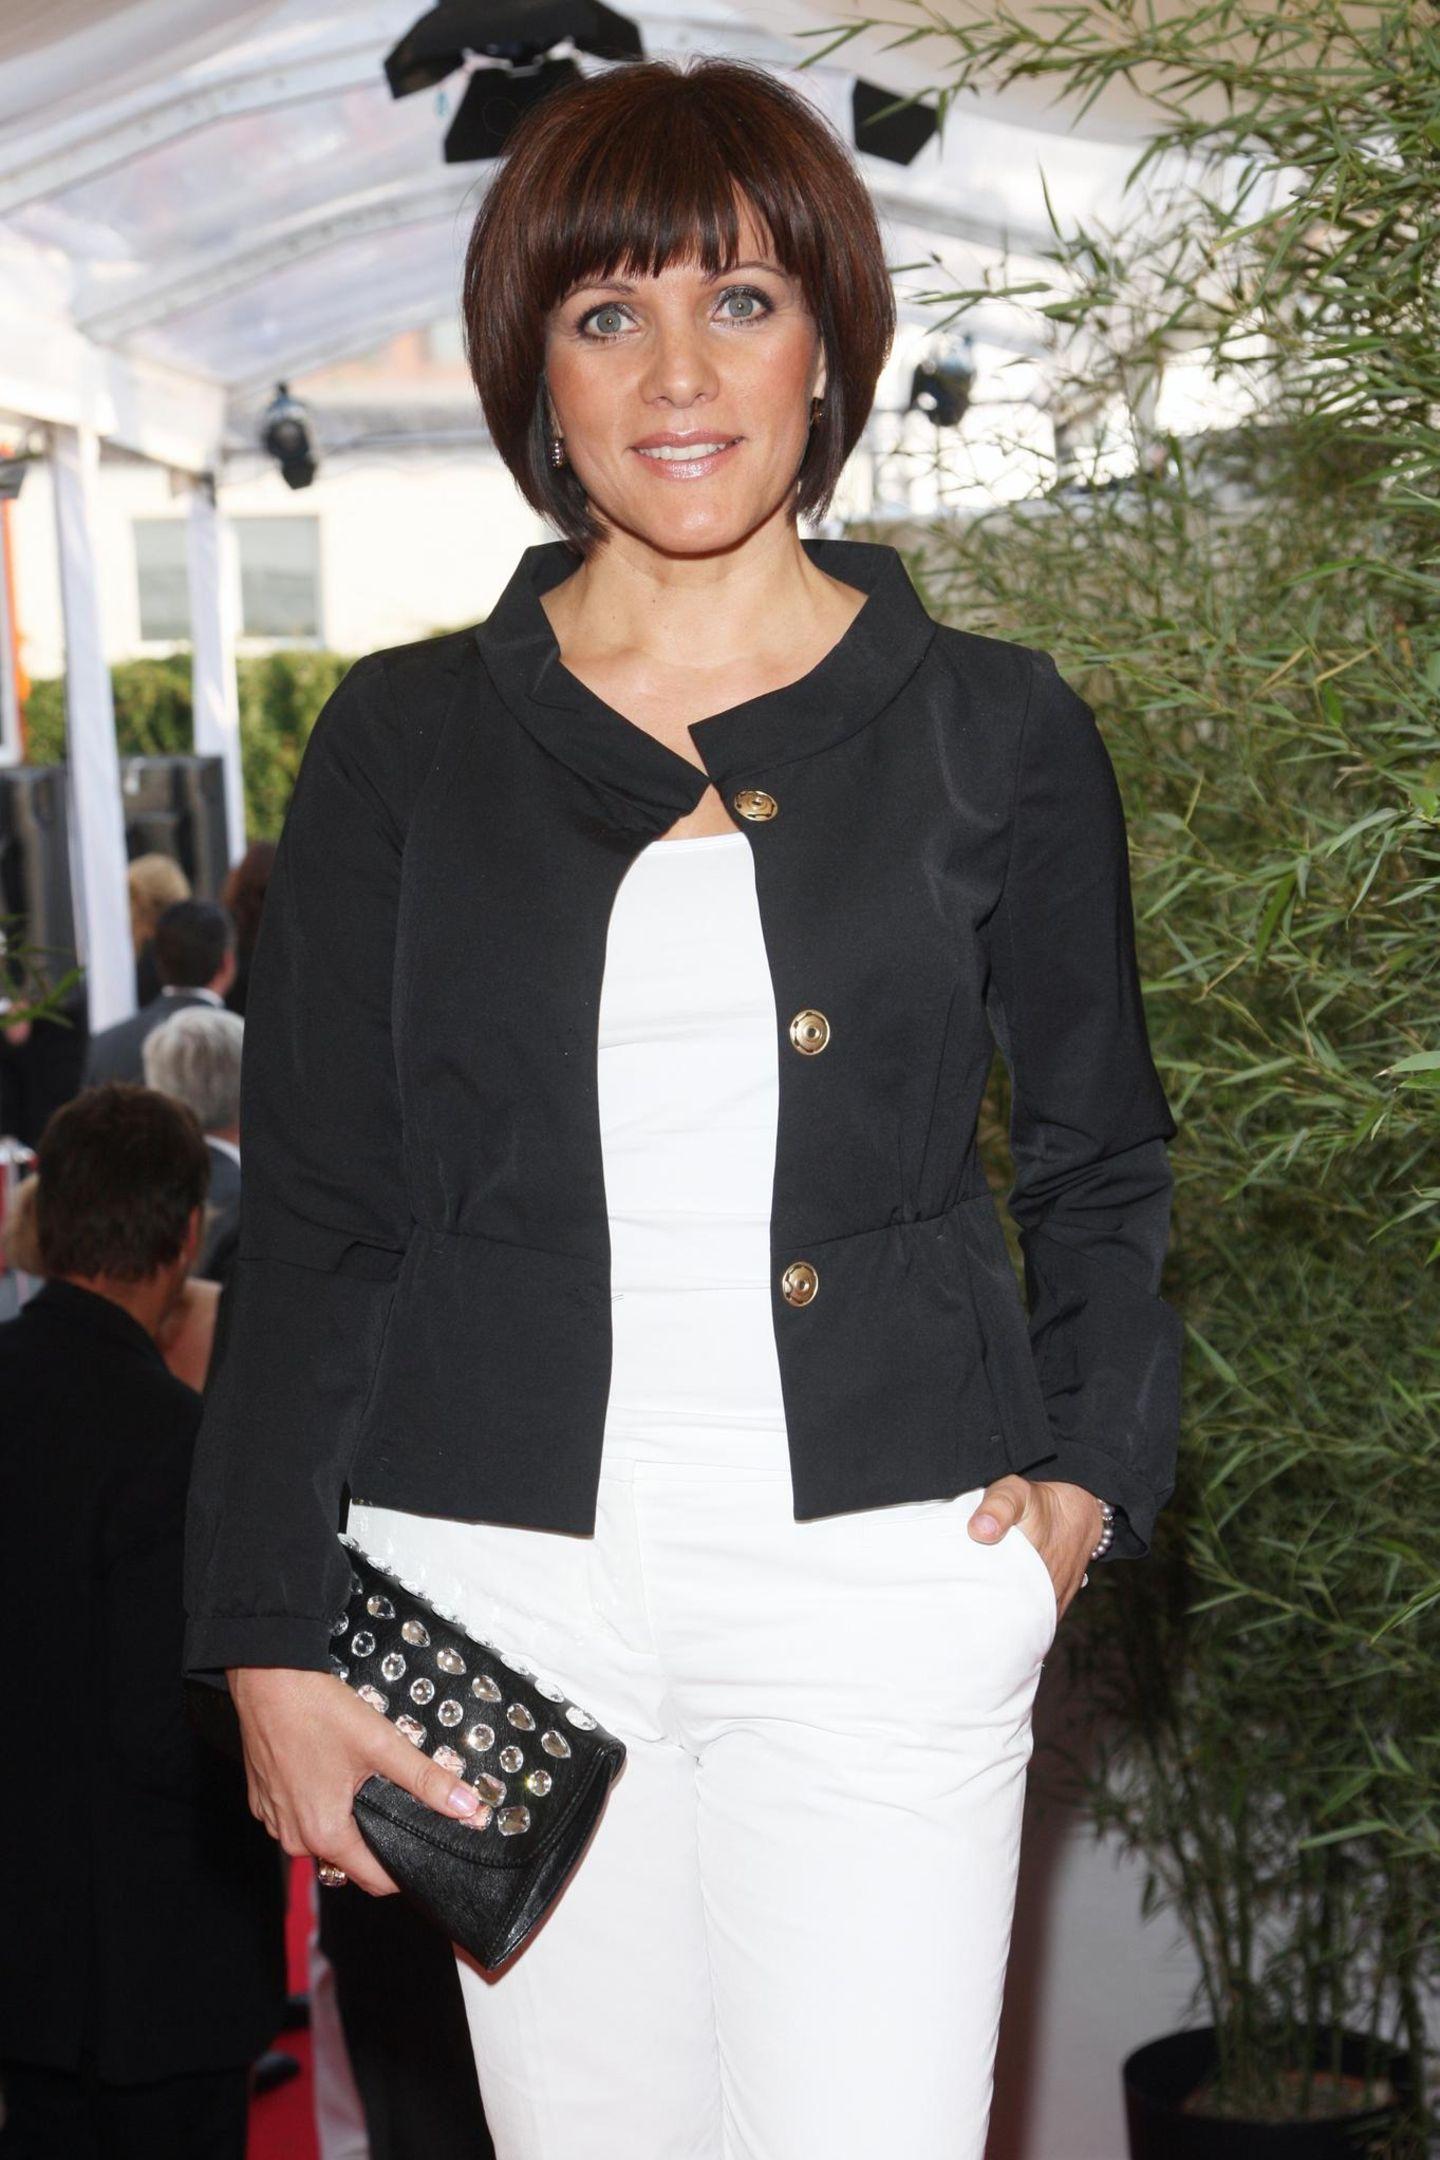 Zum RTL Sommerfest im Jahr 2008 erscheint Birgit Schrowange in einem Schwarz-Weiß-Outfit und mit einem dunkelbraunen Bob mit Pony. Zehn Jahre später wagt die Moderatorineinen optischen Neuanfang.